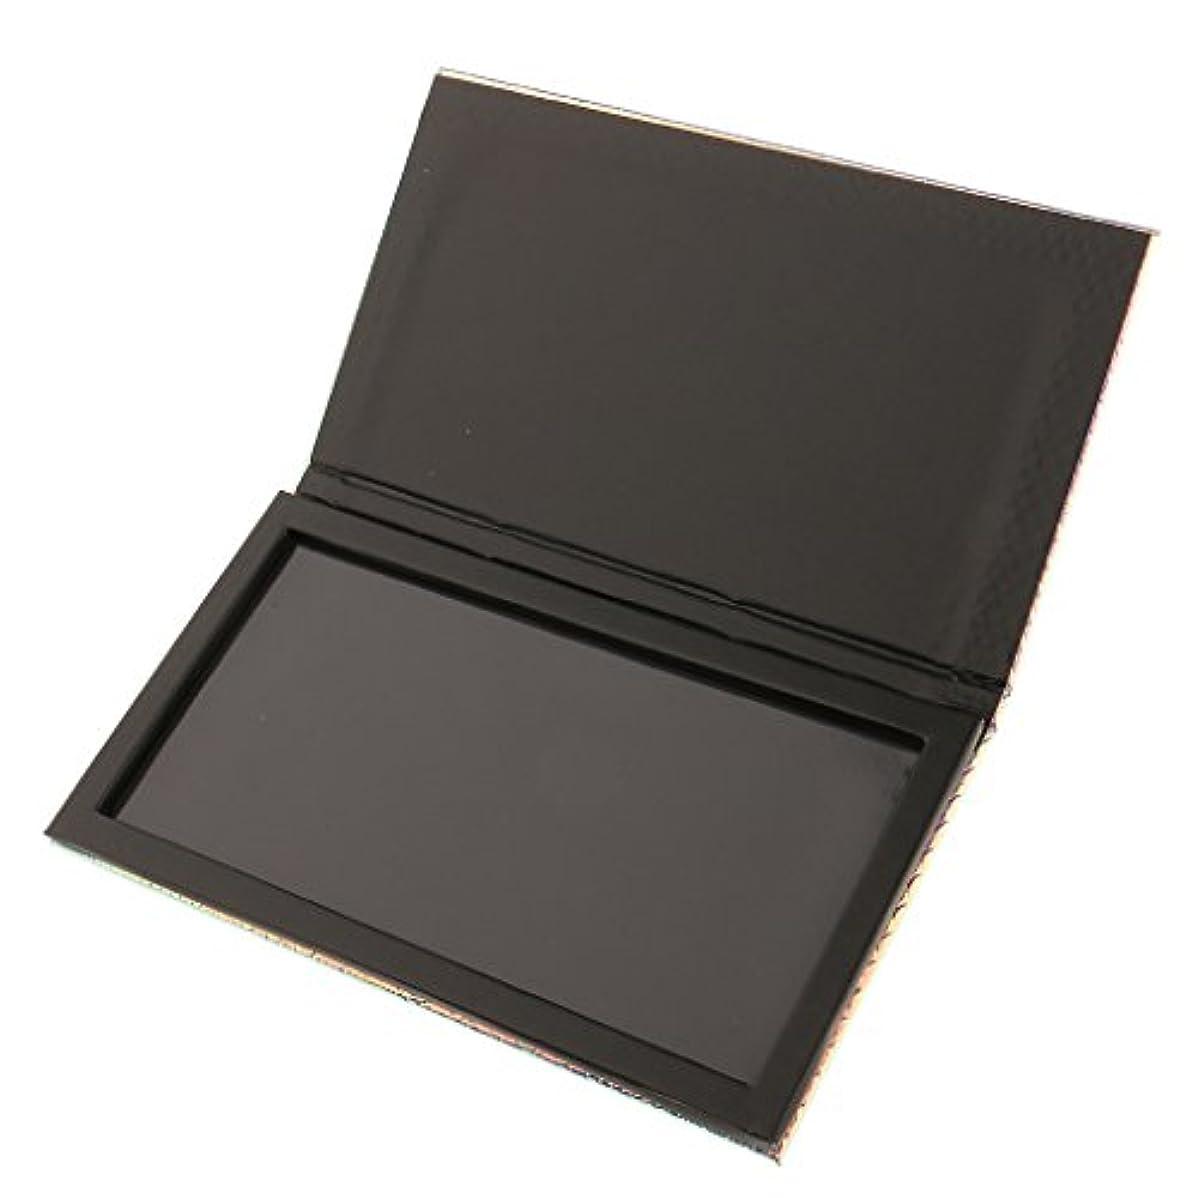 宗教的な偽善者達成可能磁気パレットボックス 空の磁気パレット 化粧品ケース メイクアップ コスメ 収納 ボックス 旅行 出張 化粧品DIY 全2サイズ選べ - 18x10cm